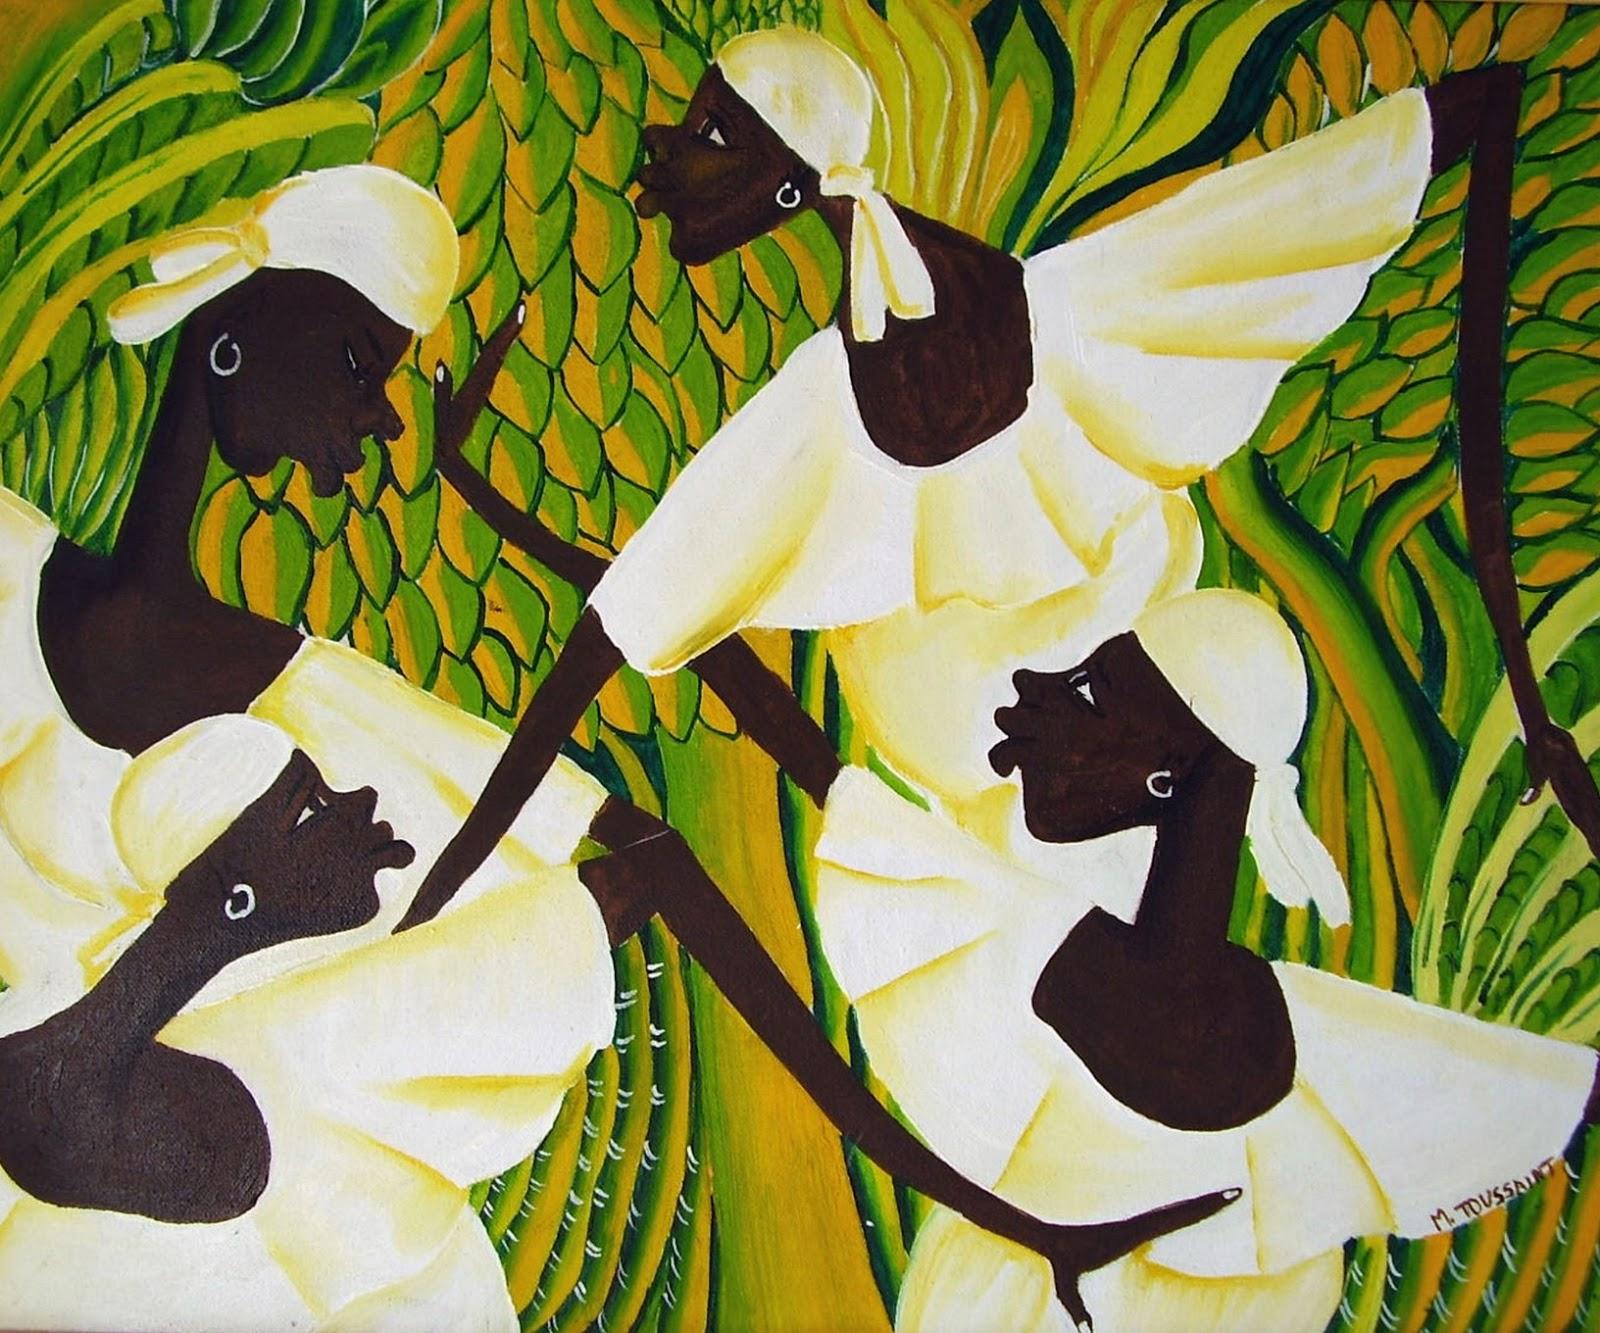 Pintura Moderna y Fotografía Artística : PINTURAS DE NEGRAS